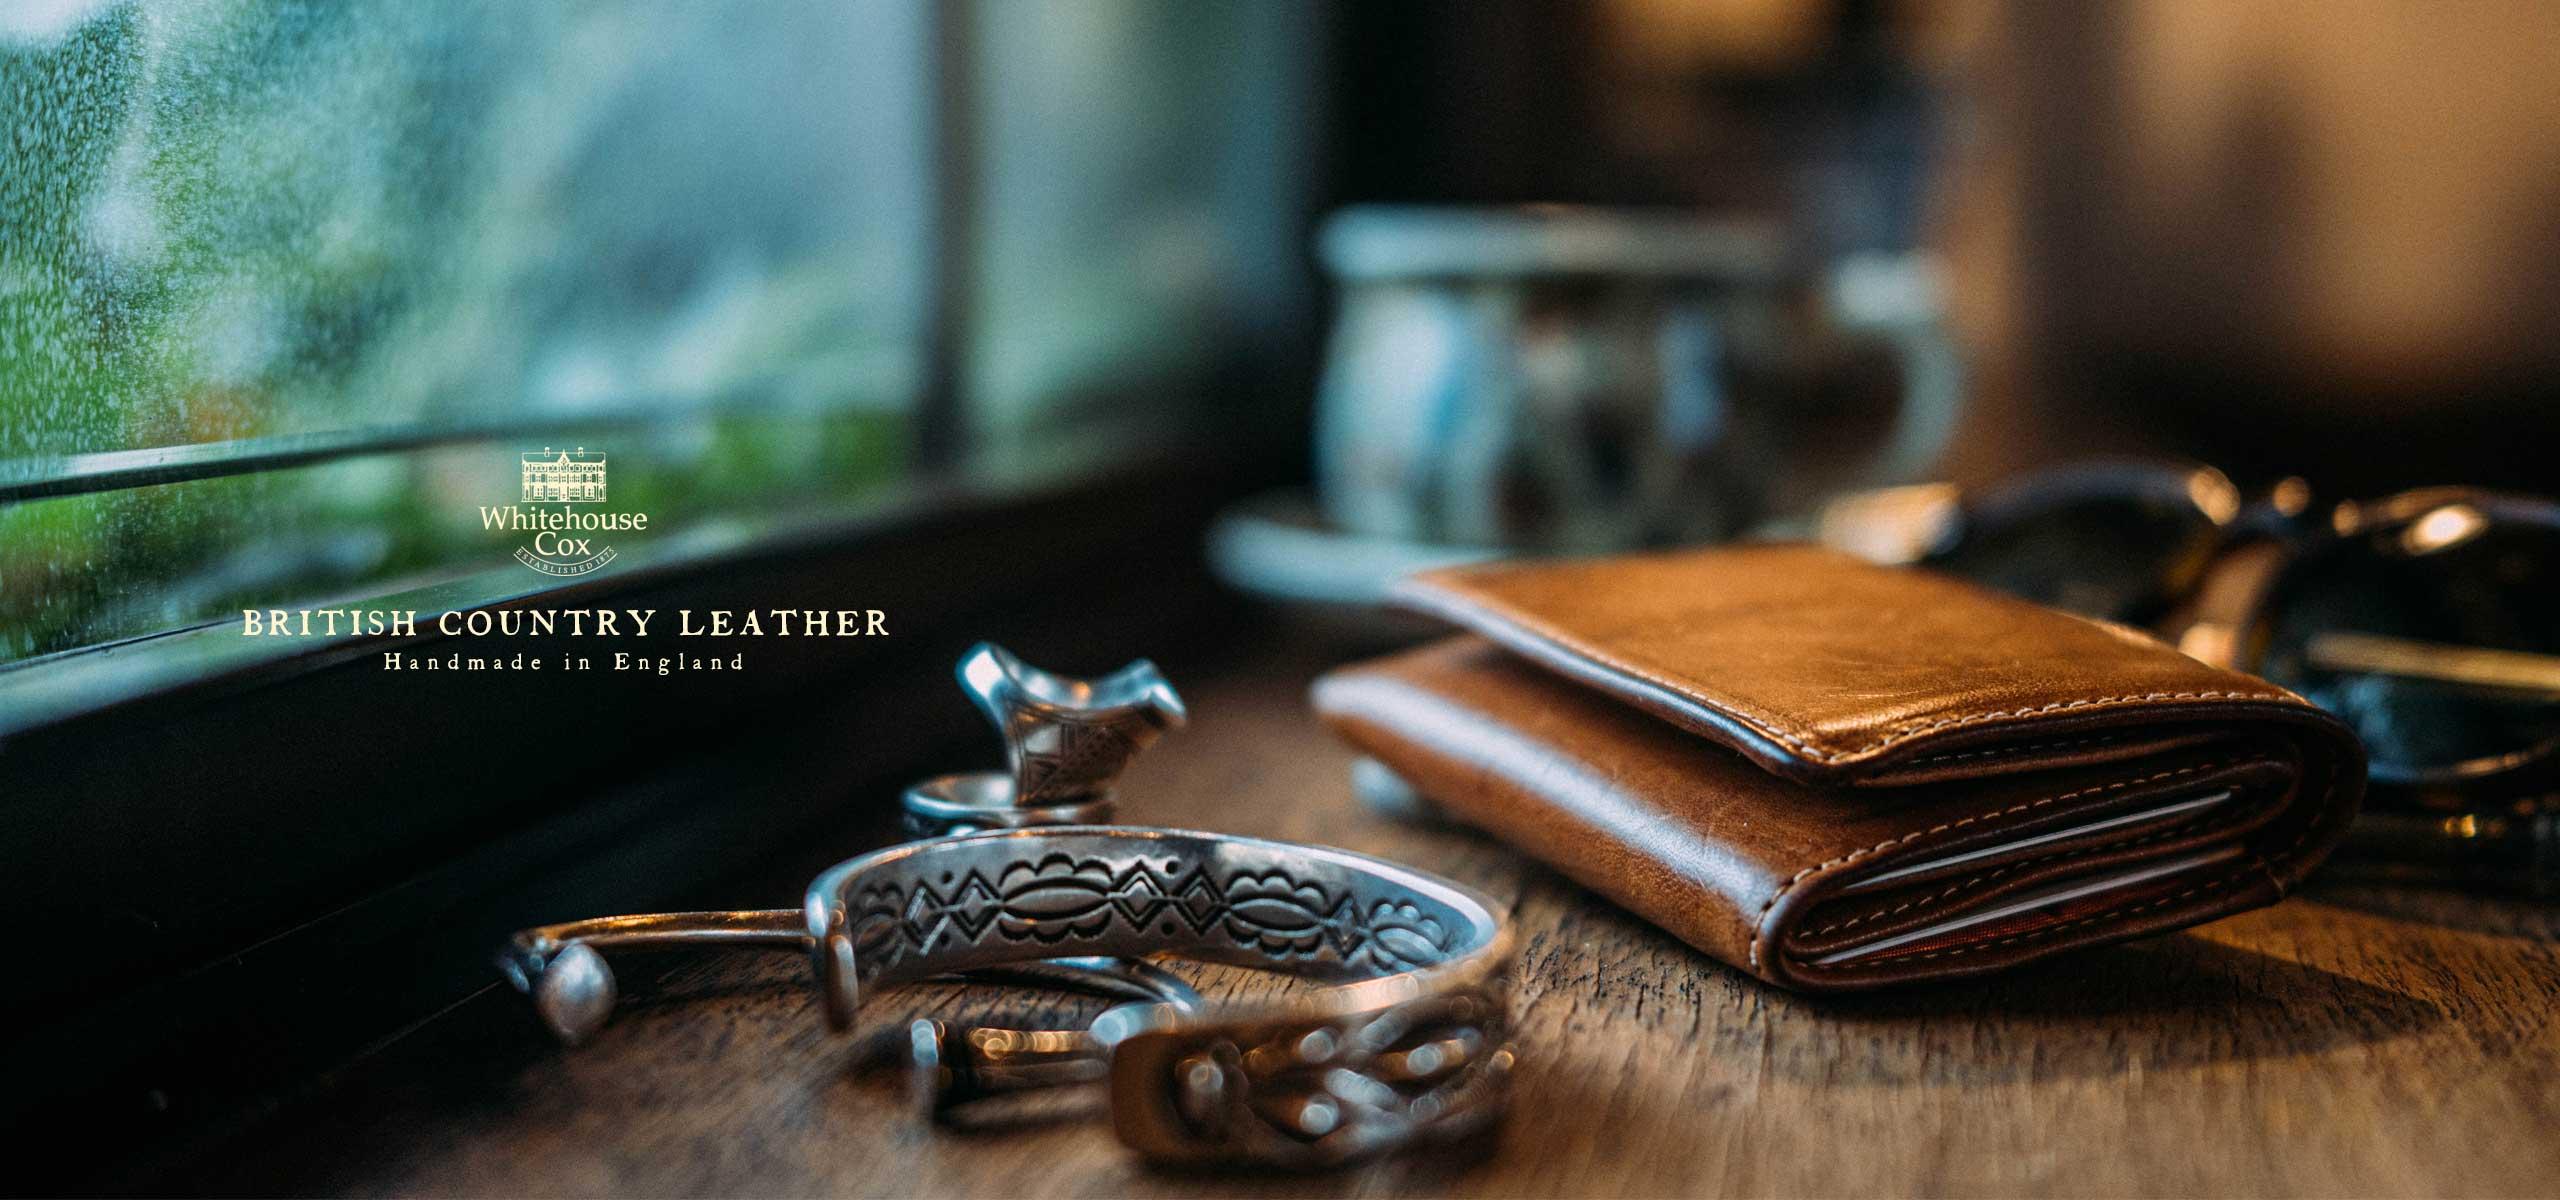 手のひらに収まるコインレスの「ミニ三つ折り財布」が登場。